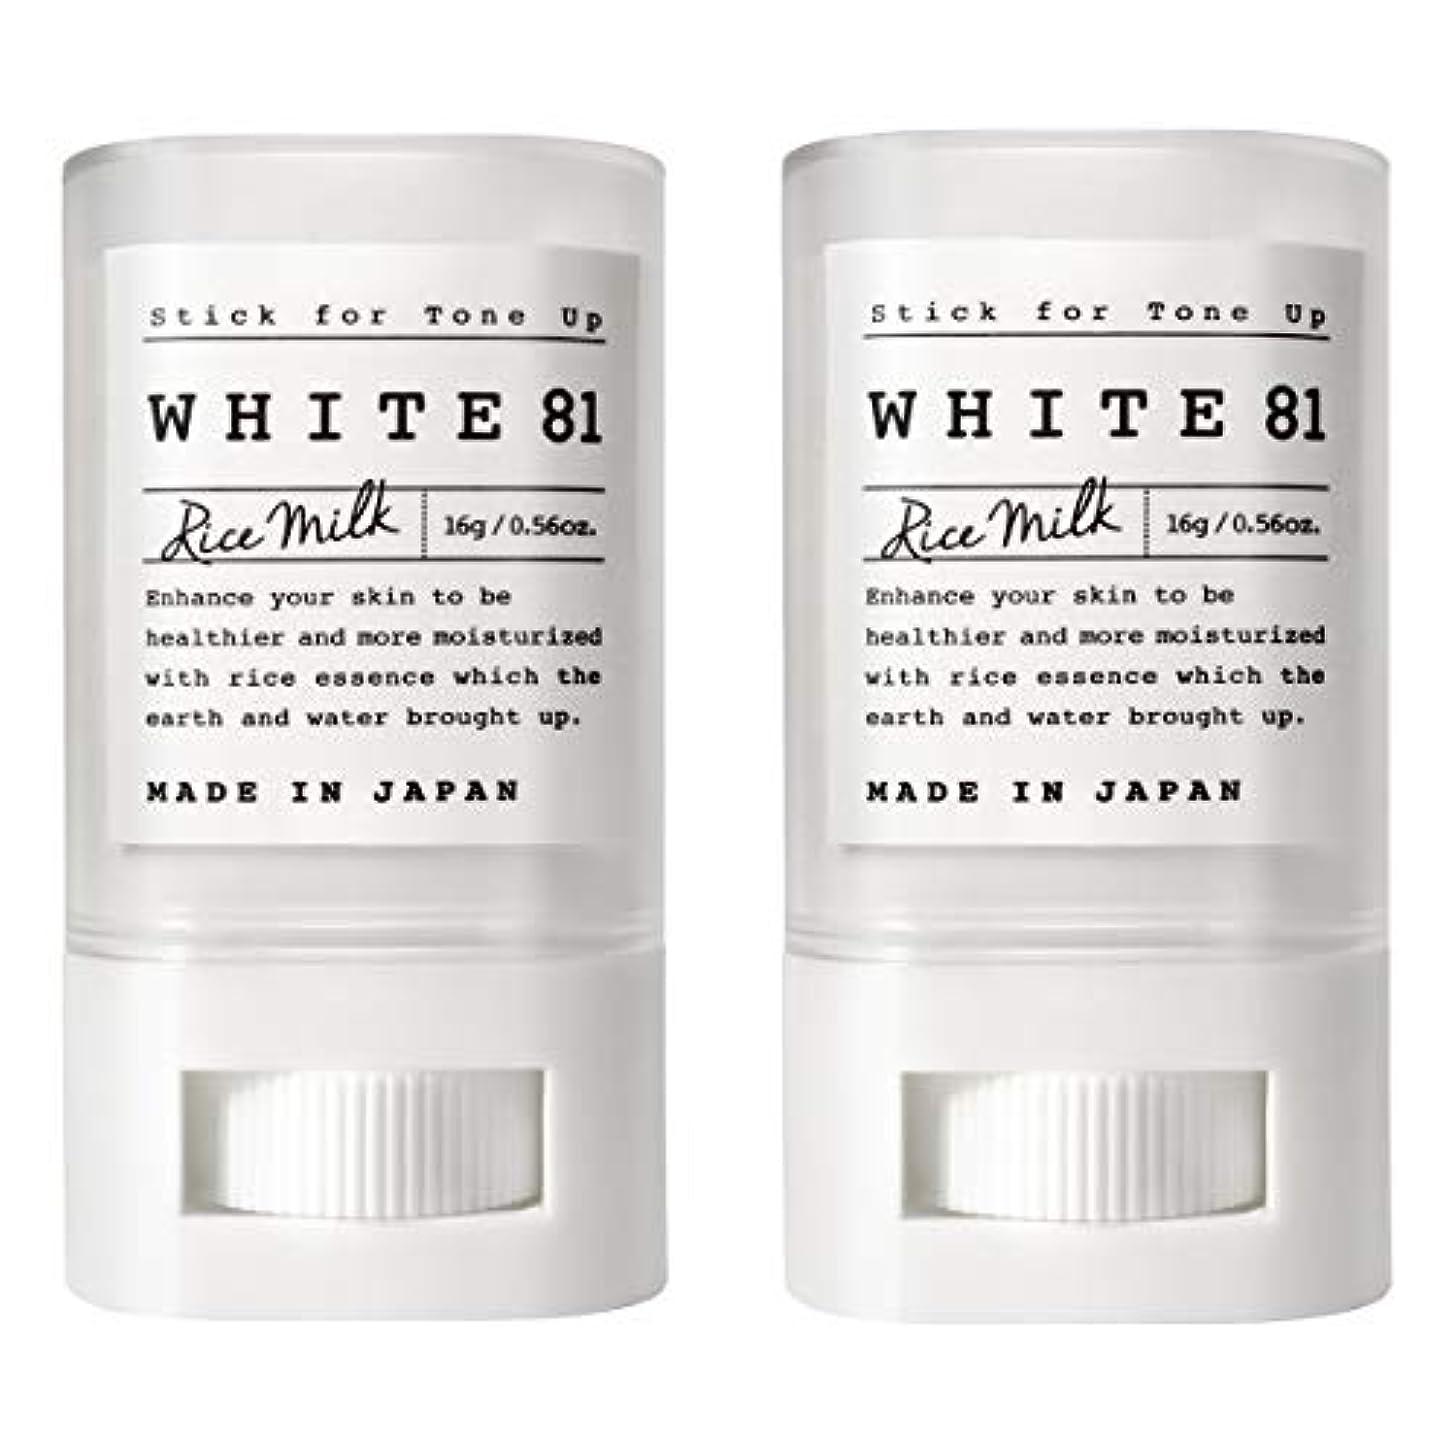 農村不満【お得な2個セット】WHITE81 ホワイト81 トーンアップスティック(化粧下地?日焼け止め / SPF35?PA+++?ウォータープルーフ?複合保湿成分配合?肌に優しい6種のフリー / 日本製)